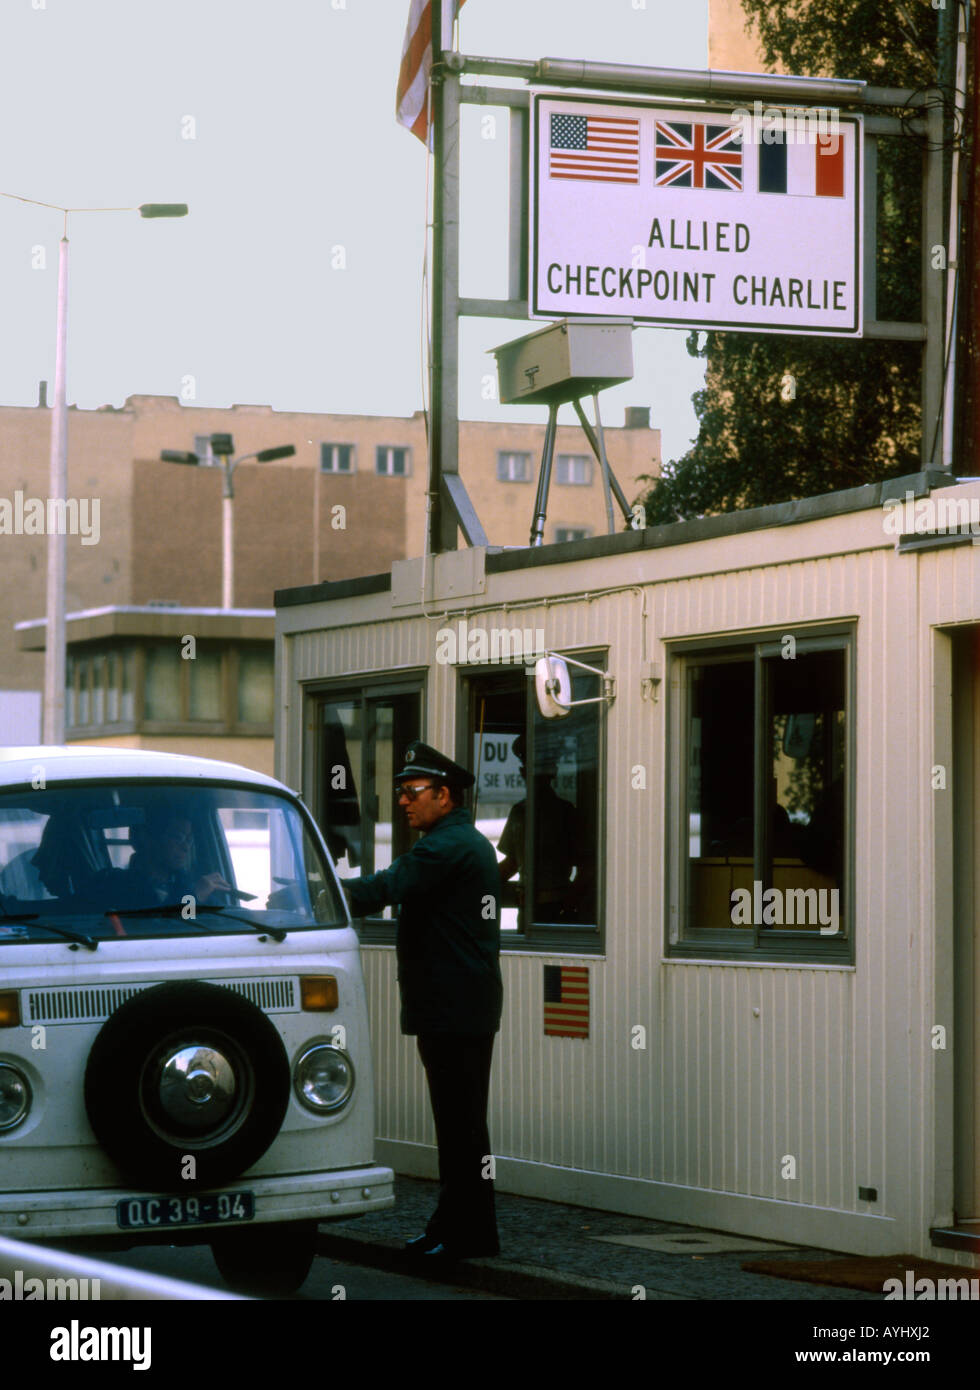 Alemania. Berlín. El Checkpoint Charlie, durante la guerra fría Imagen De Stock